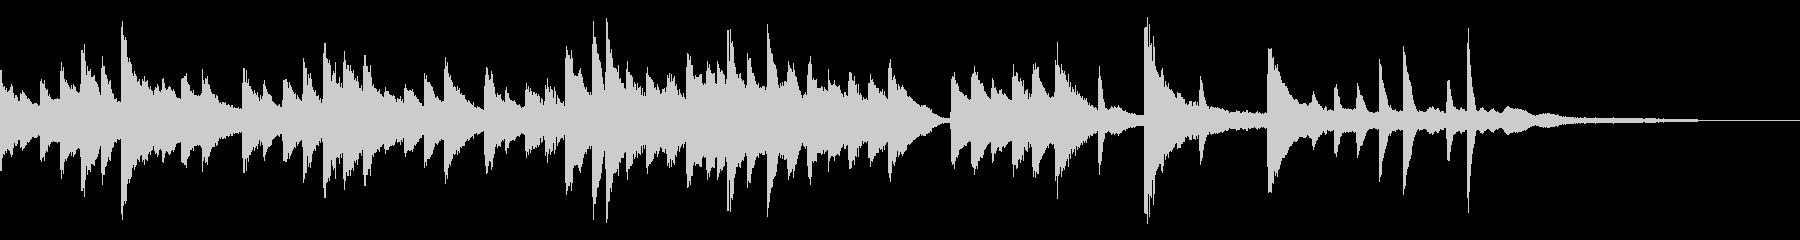 星夜をイメージしたバラードピアノジングルの未再生の波形